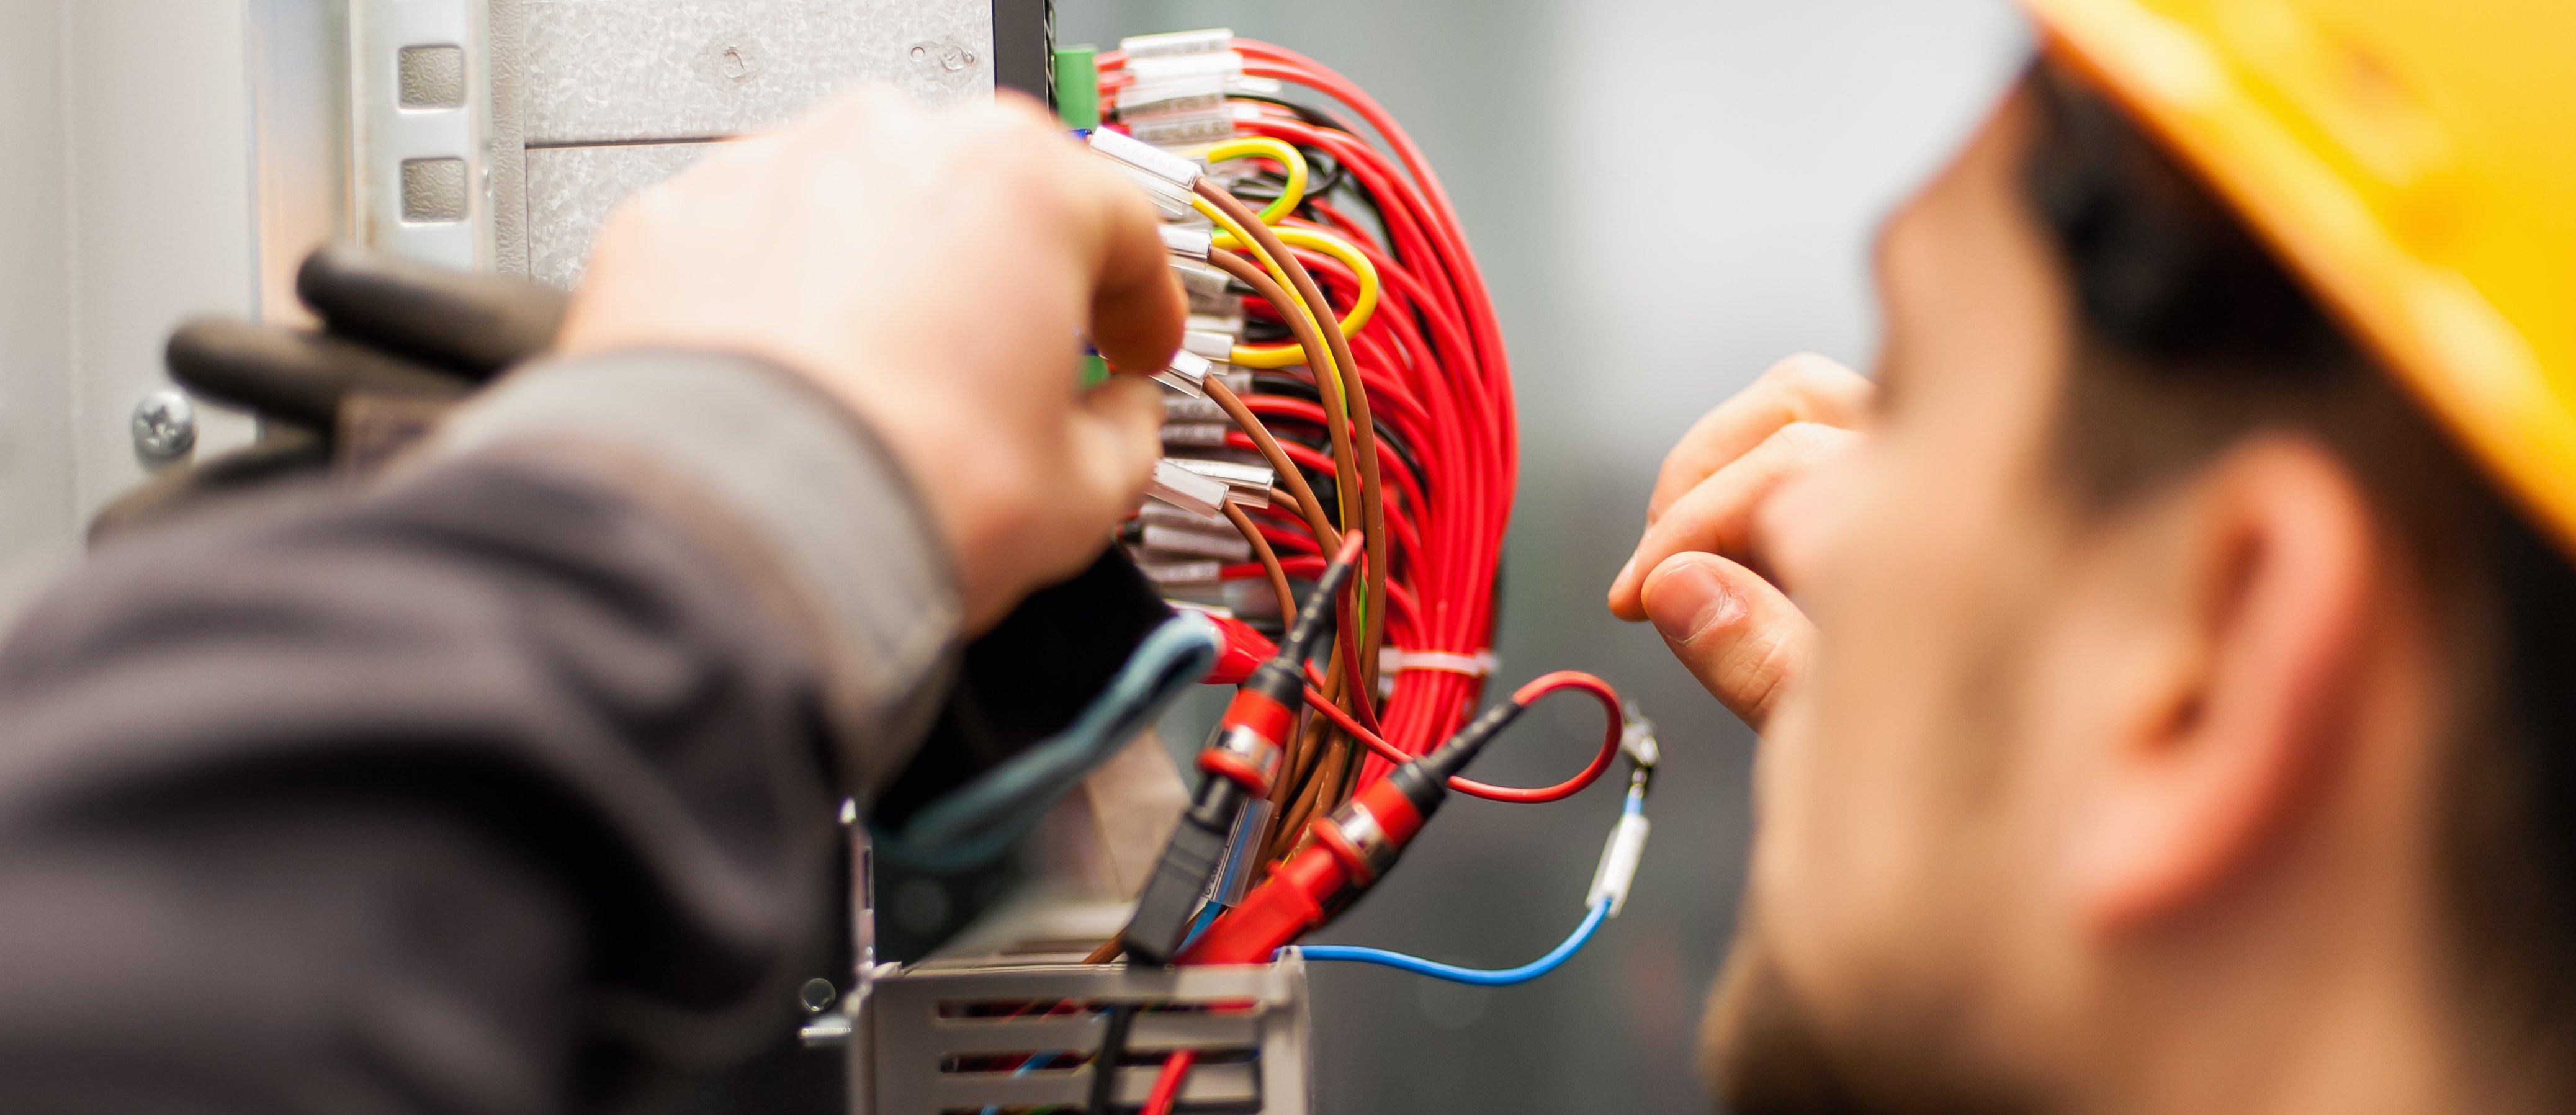 Профессиональные электрические подрядчики